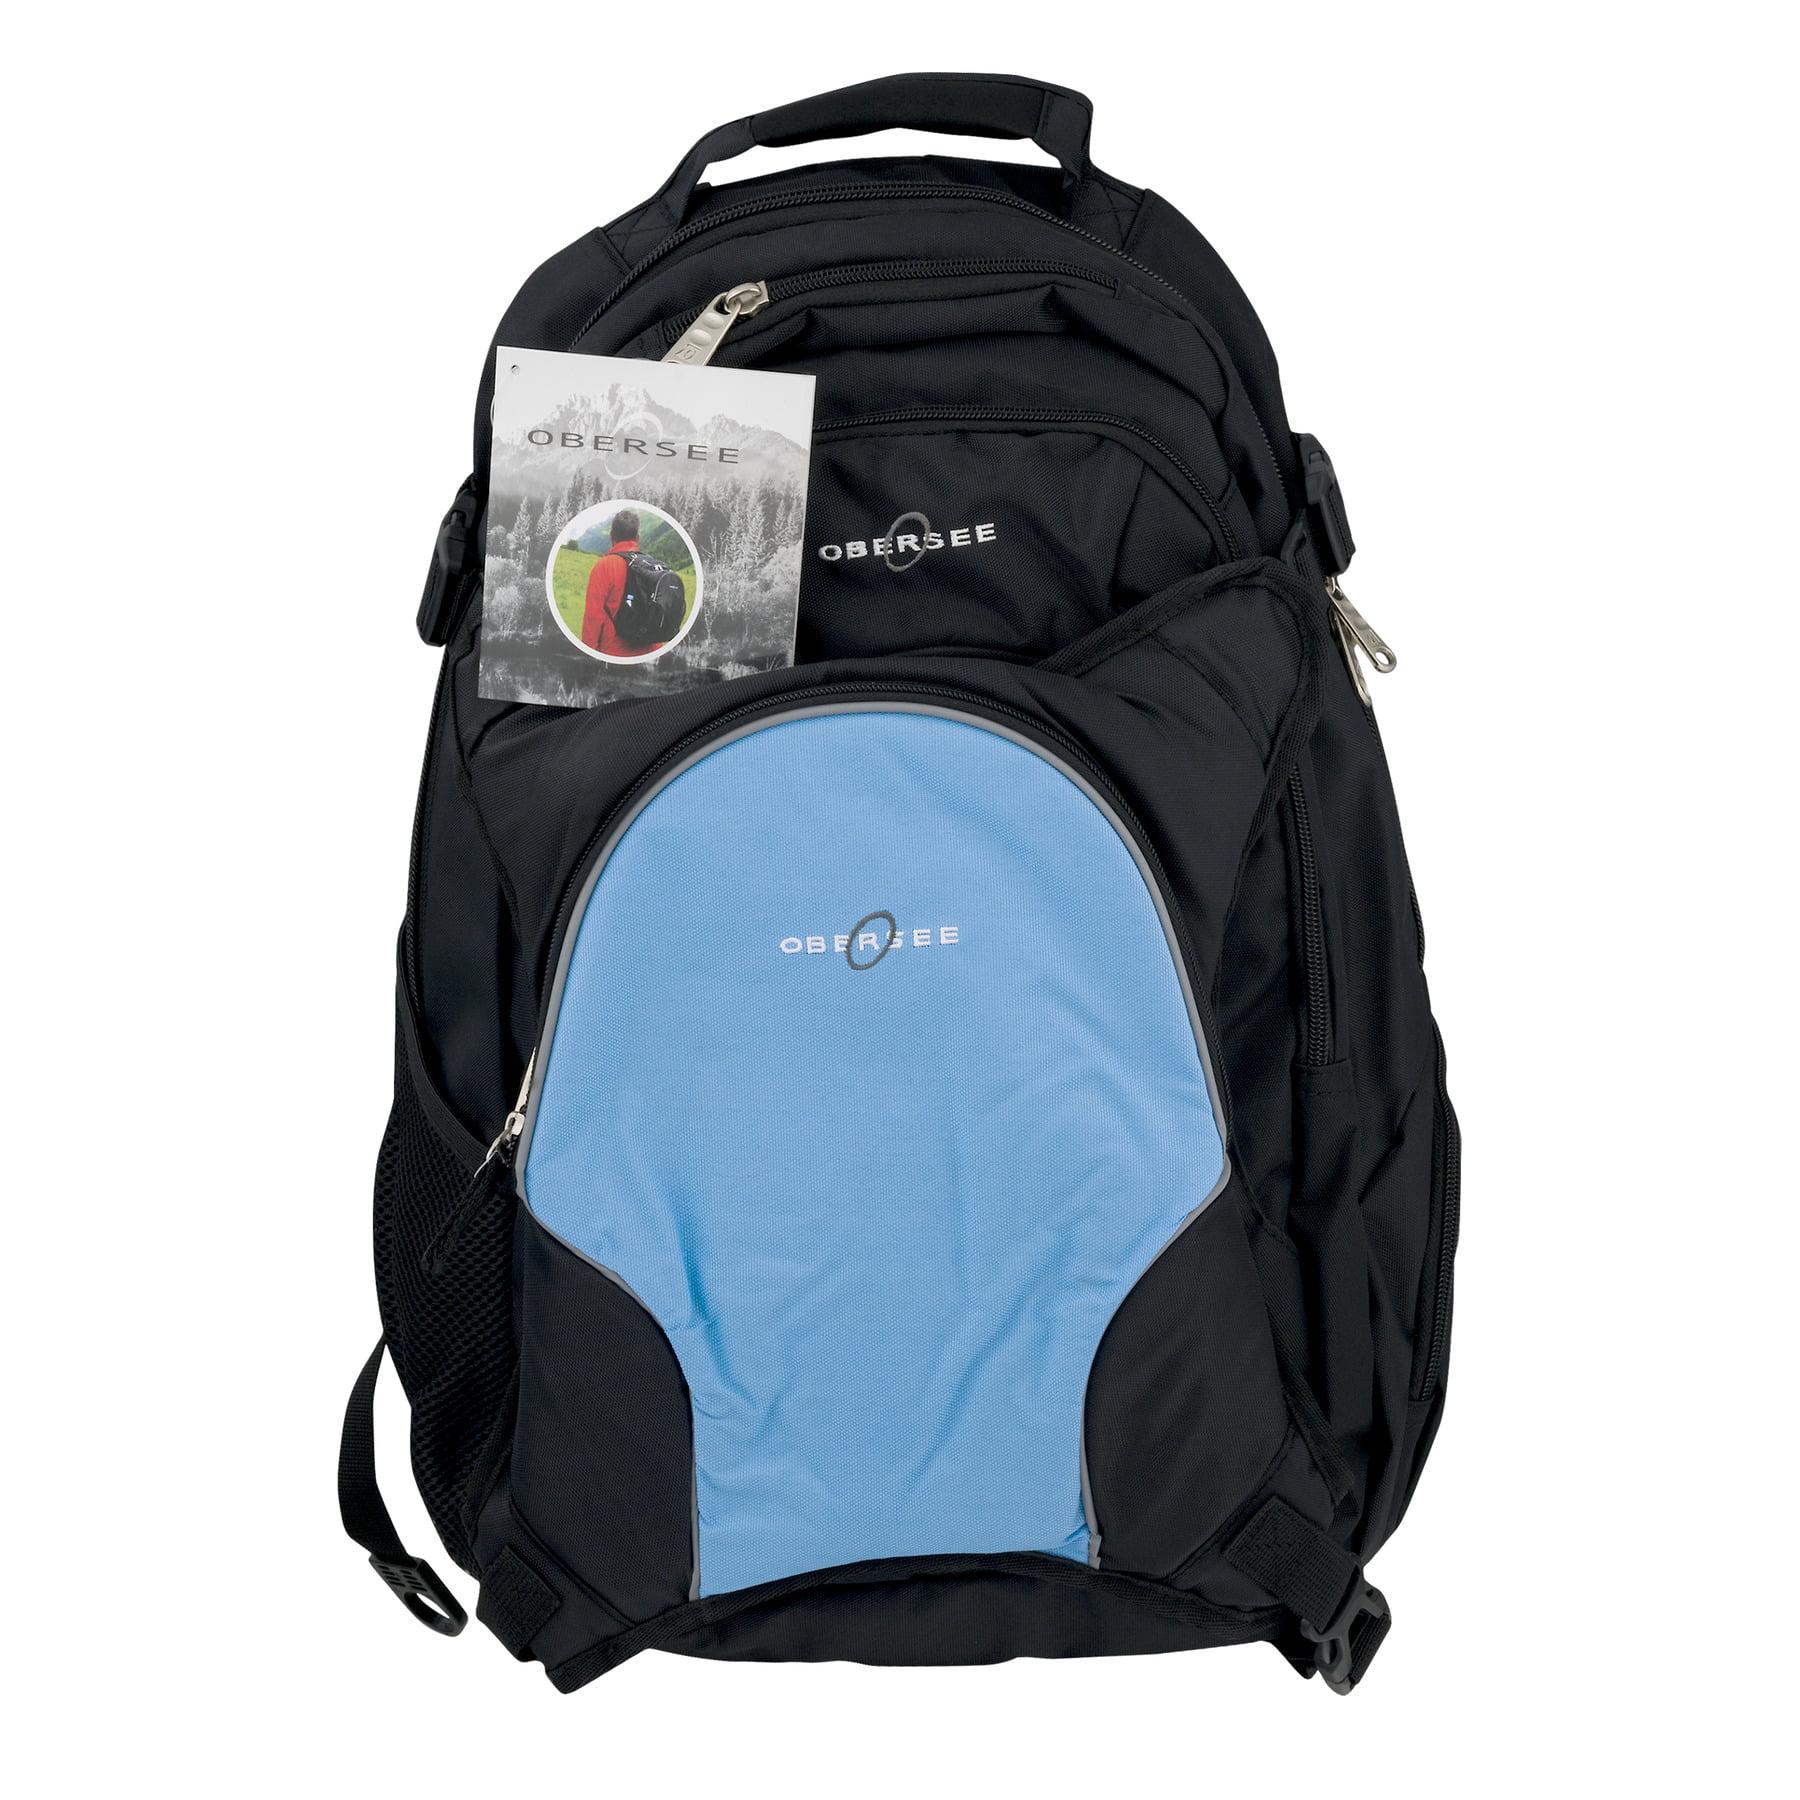 Obersee Bern Diaper Bag Backpack and Cooler, Black/Cloud